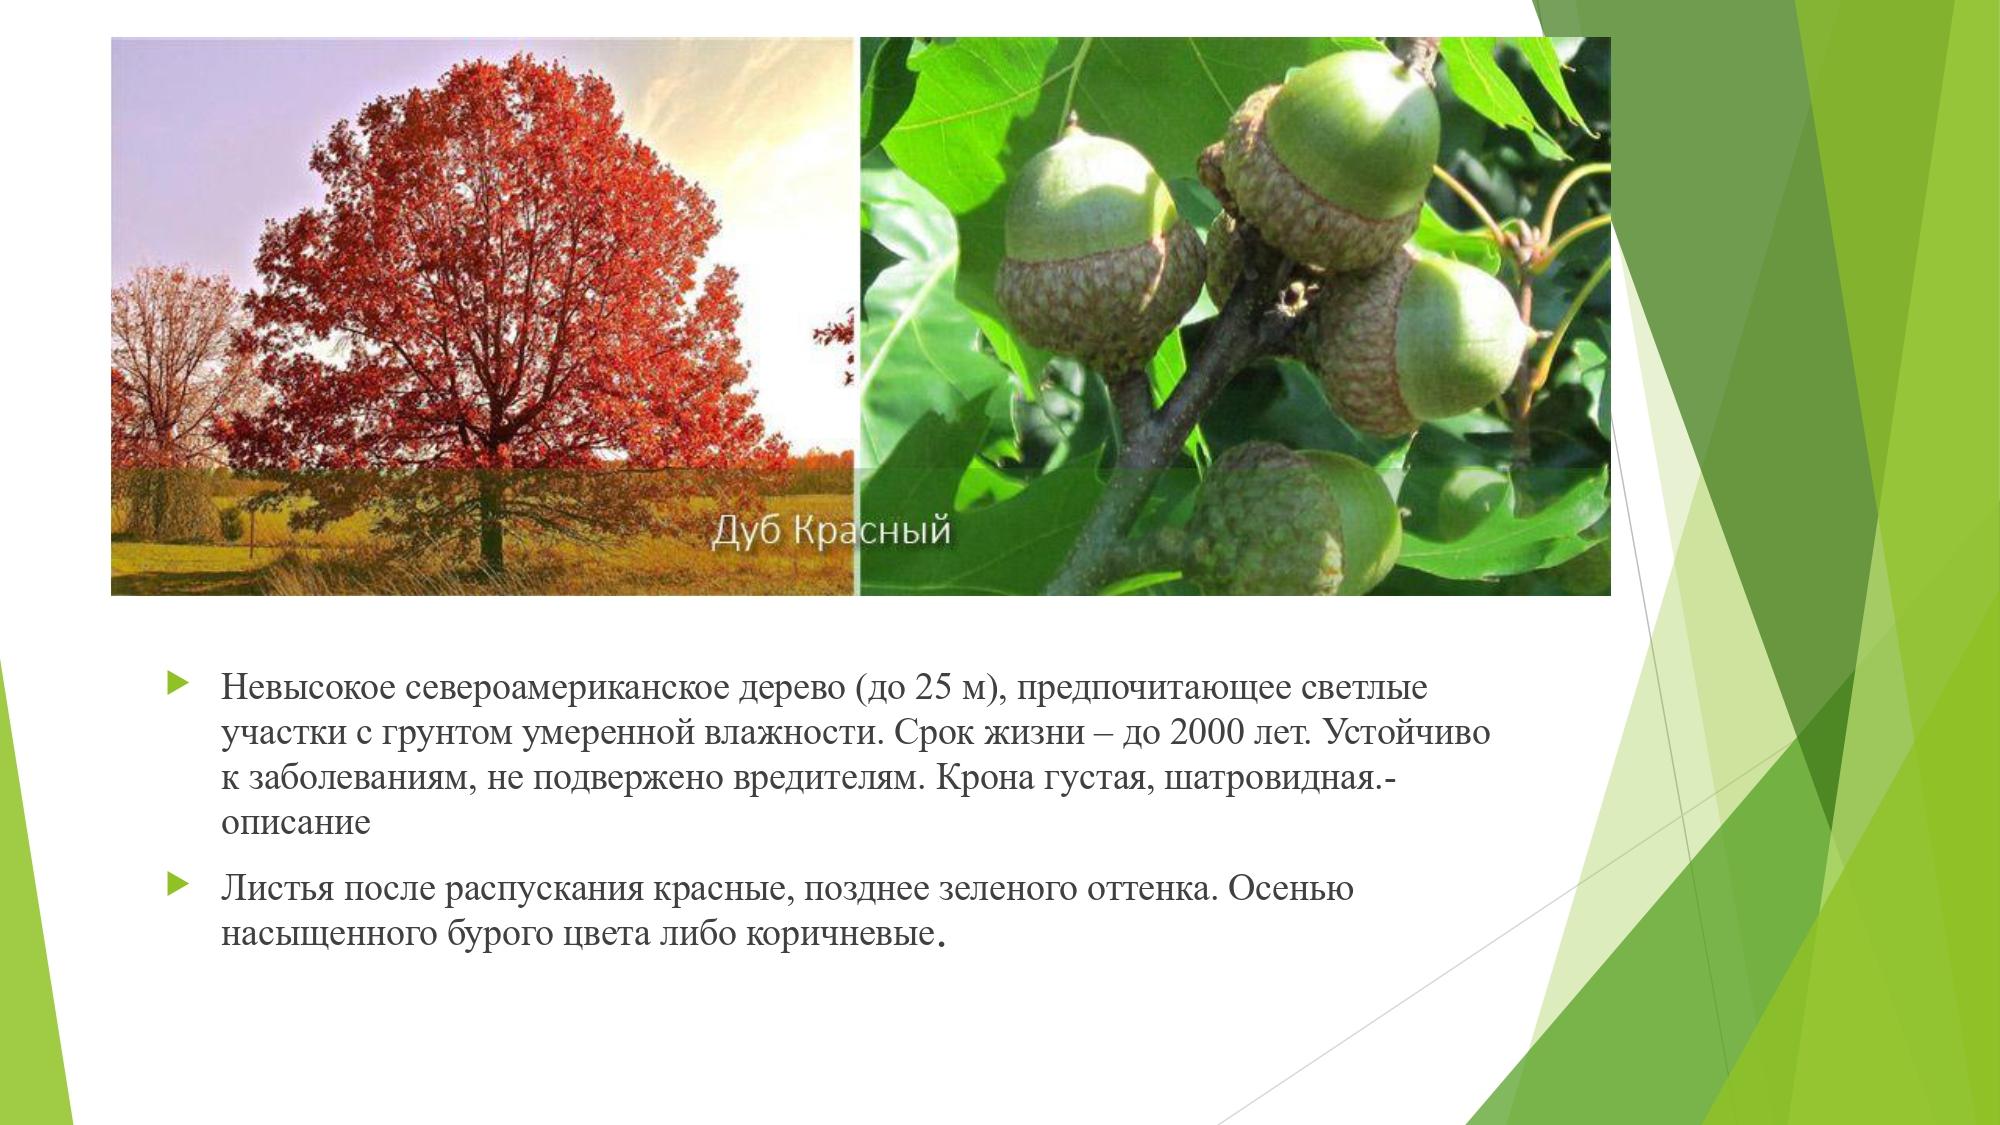 декорат.раст_page-0008